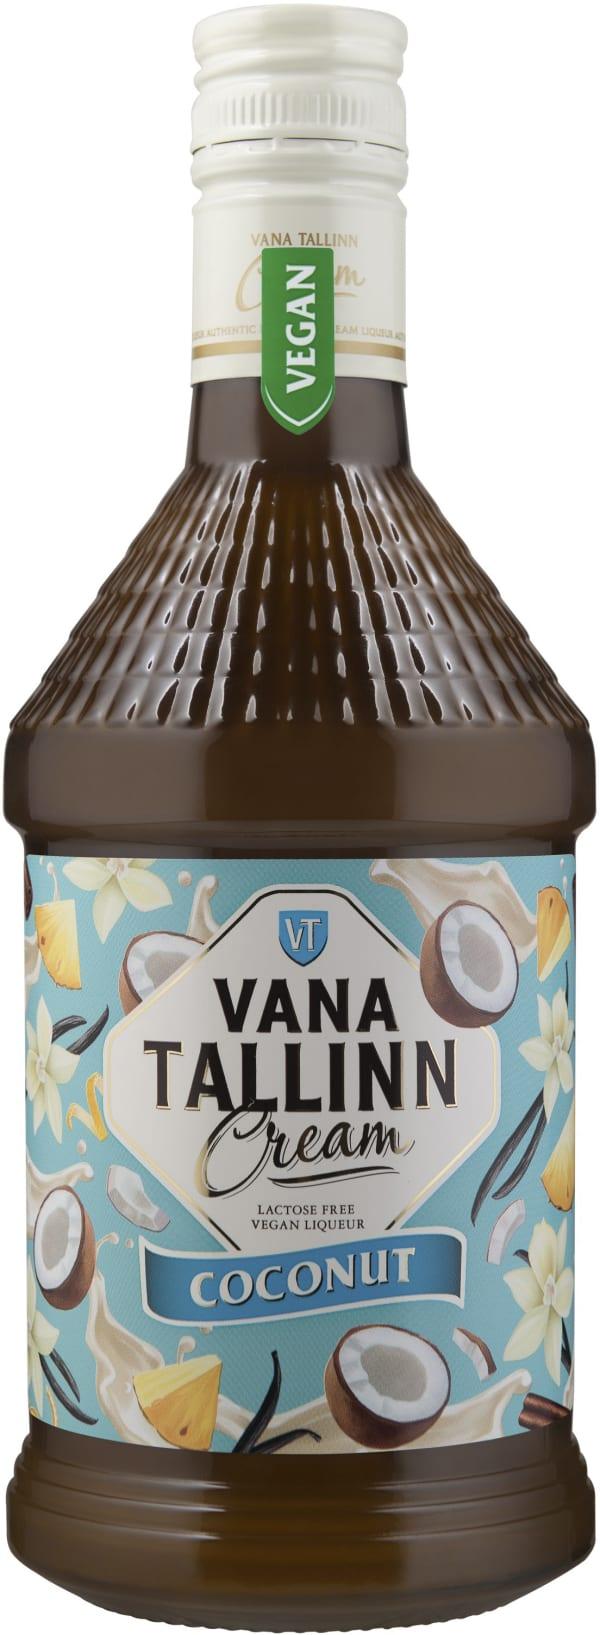 Vana Tallinn Coconut Cream